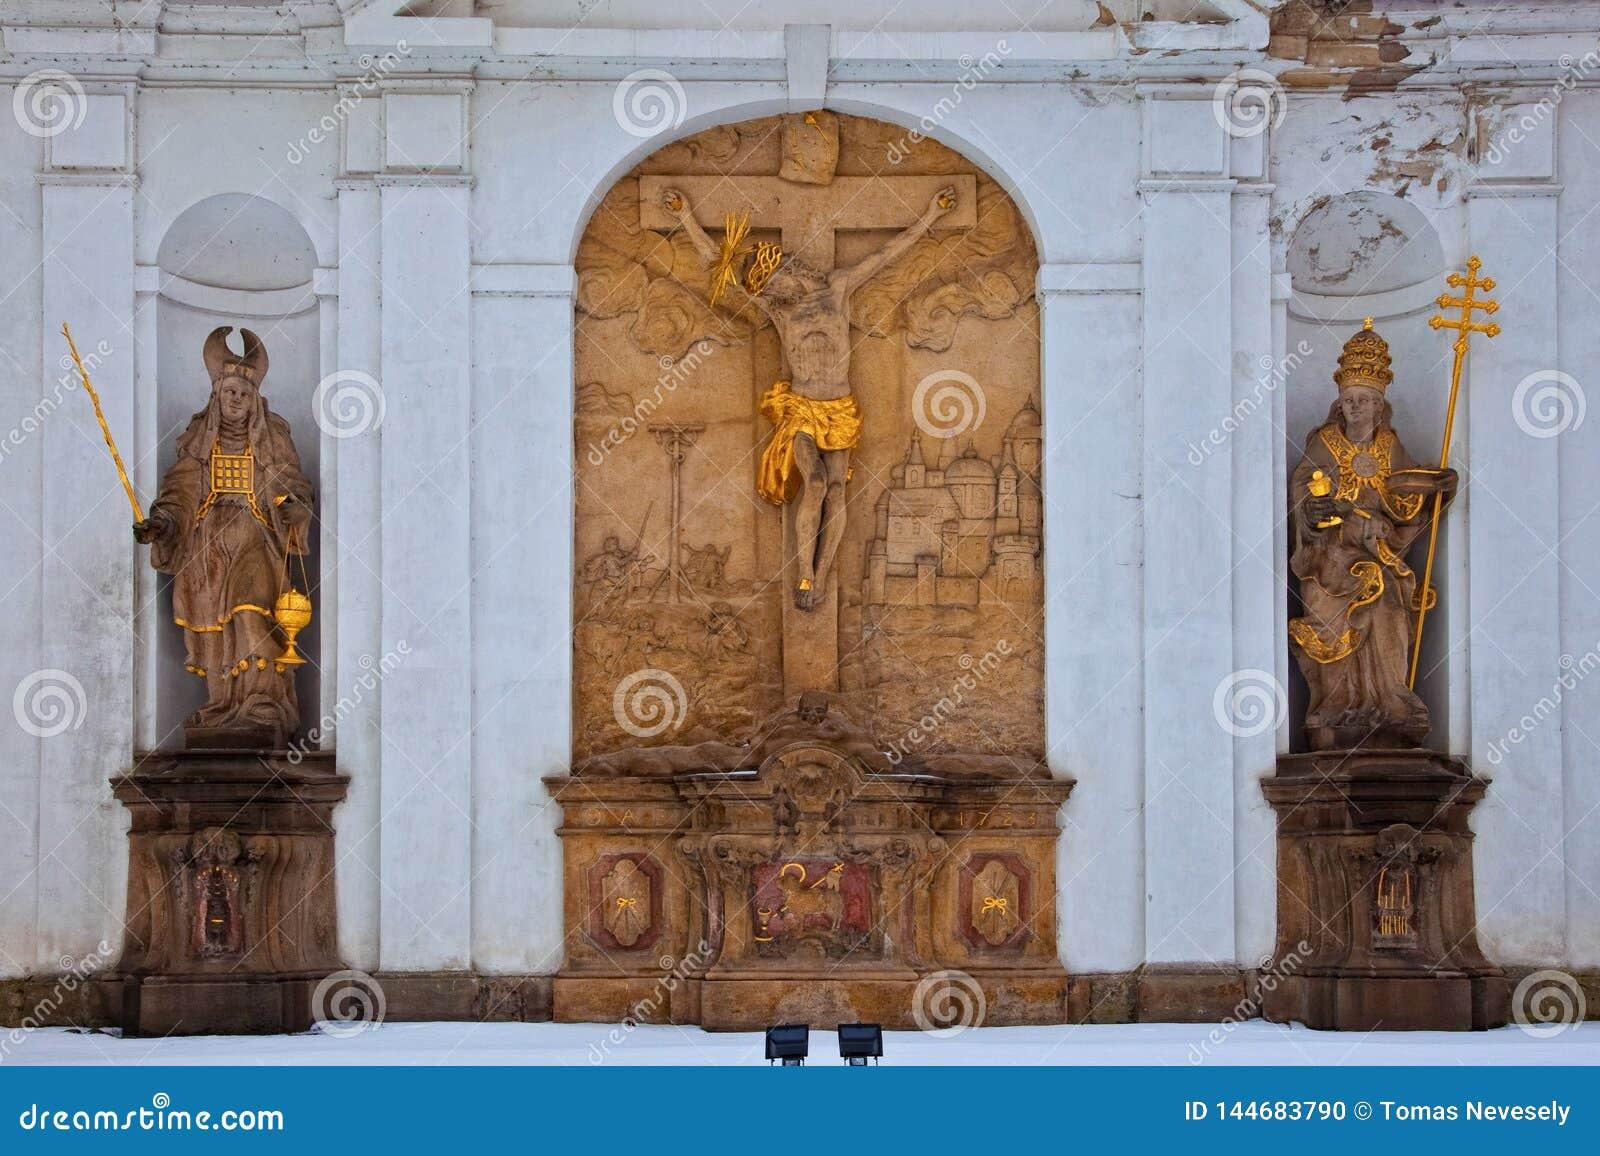 BROUMOV, ЧЕХИЯ - 17-ОЕ МАРТА 2010: Статуи на monastary в Broumov в северо-восточной чехи